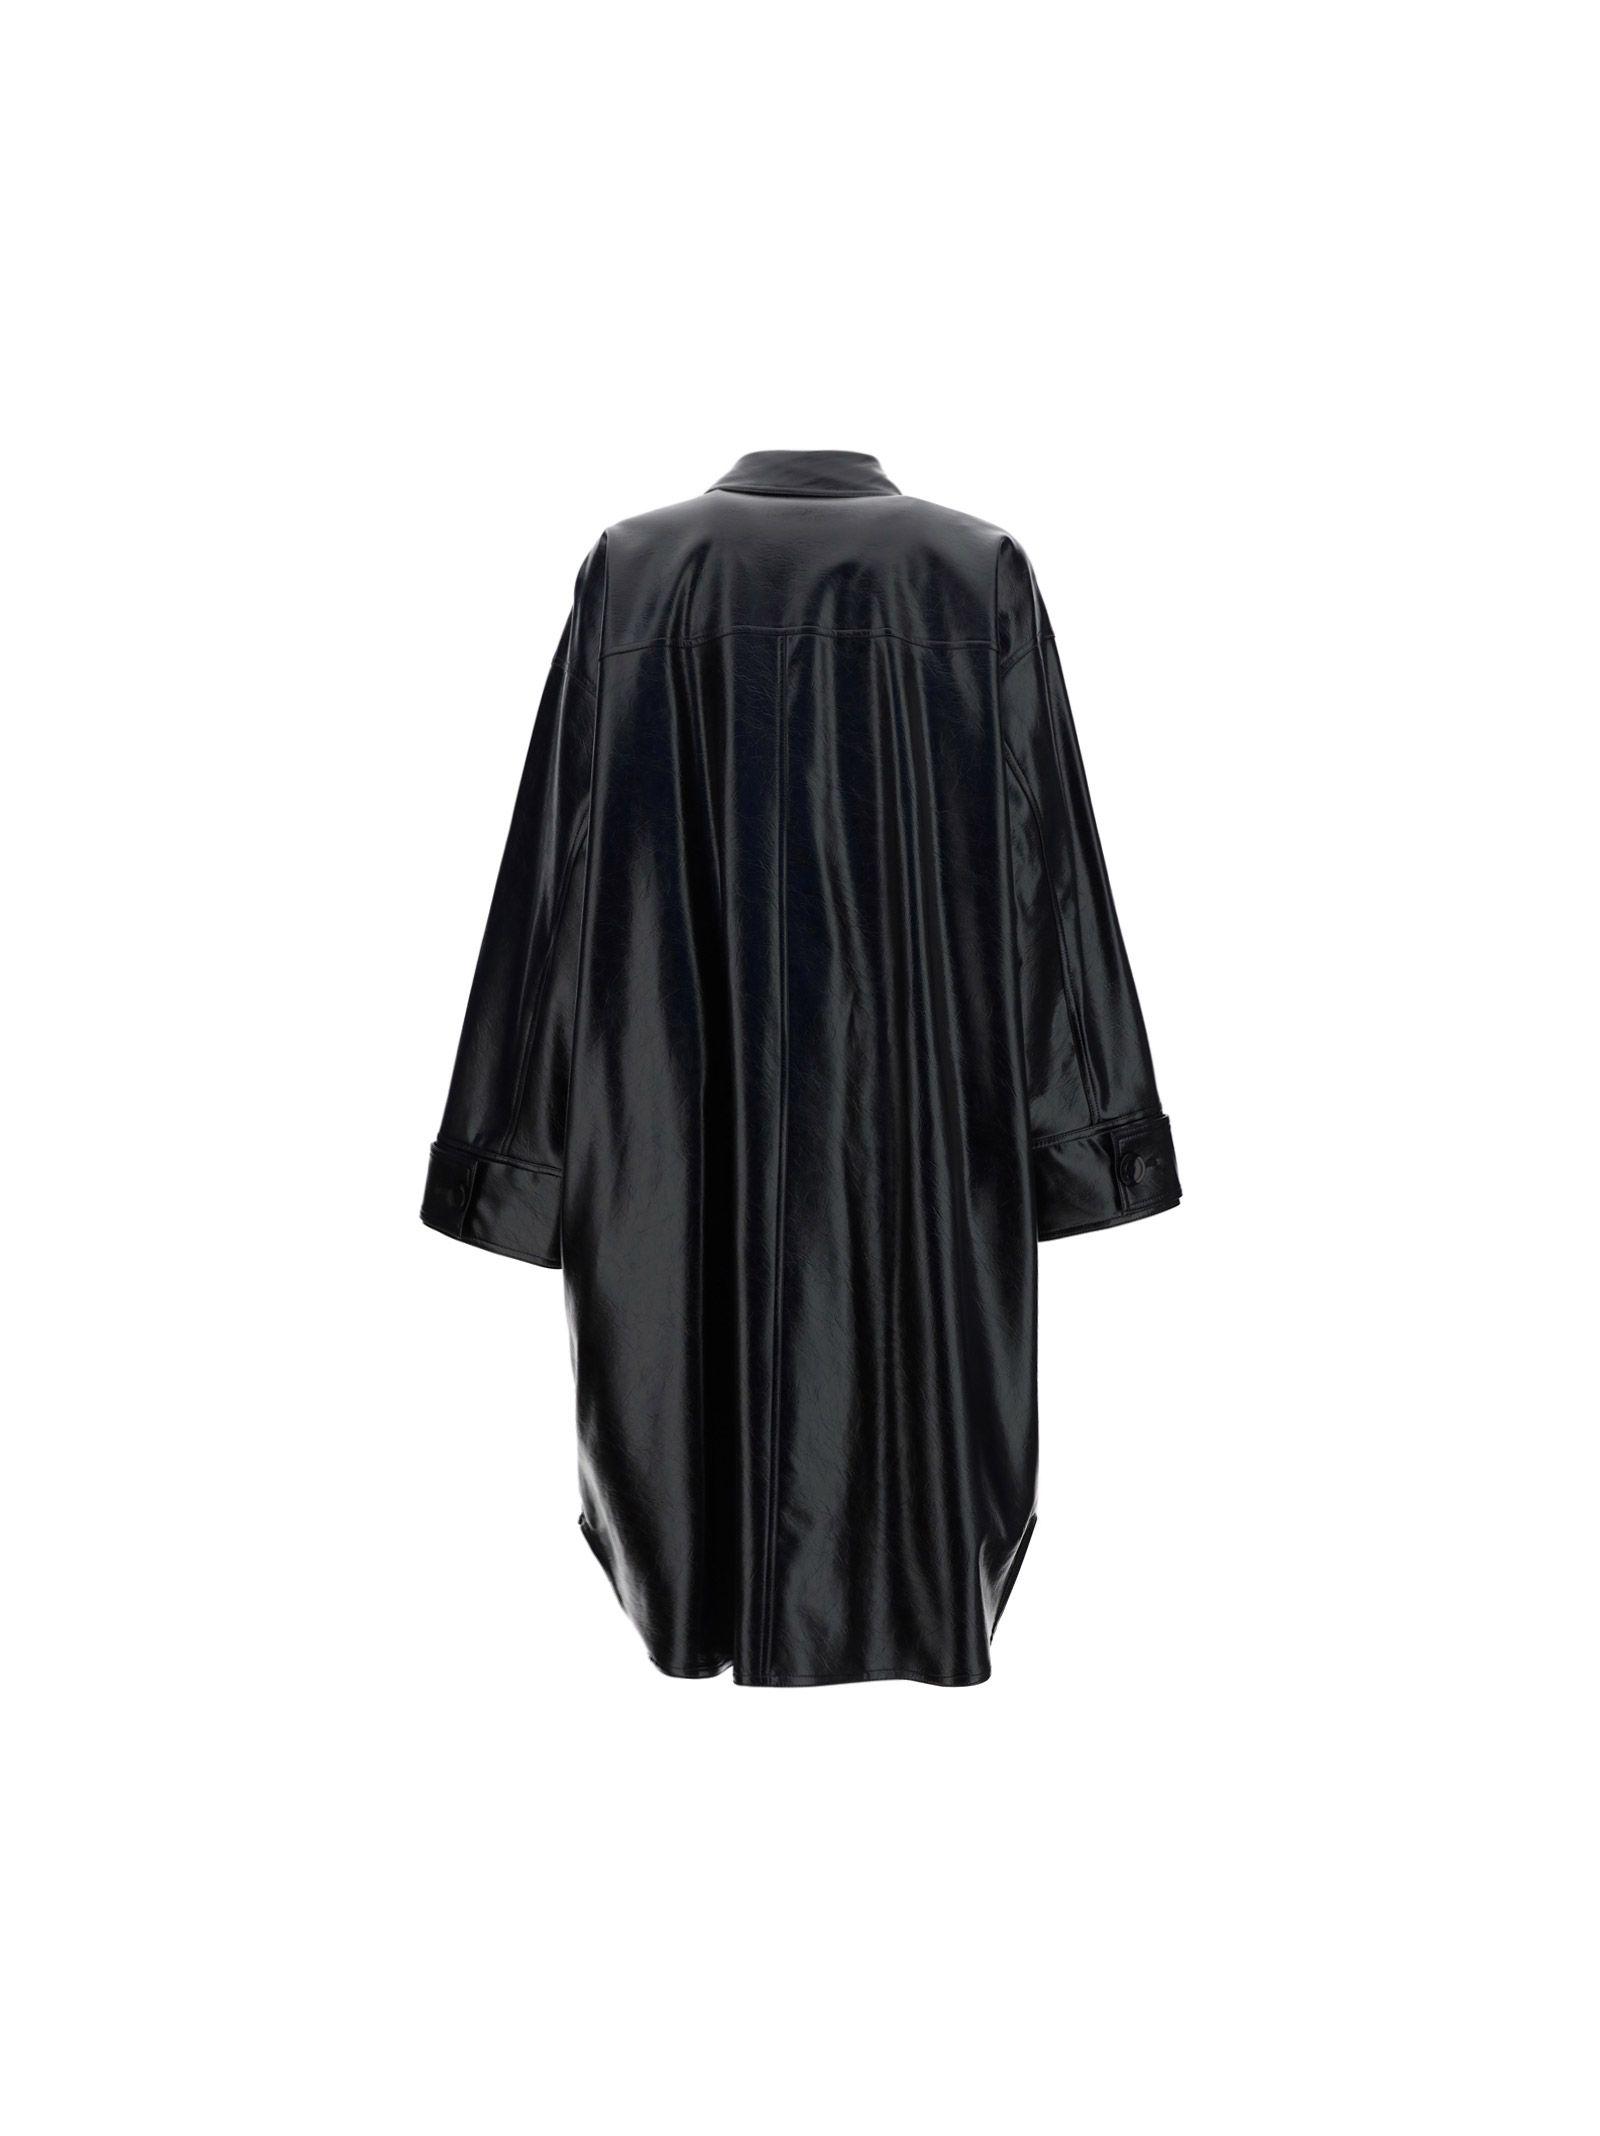 STAND STUDIO Coats STAND WOMEN'S BLACK OTHER MATERIALS COAT